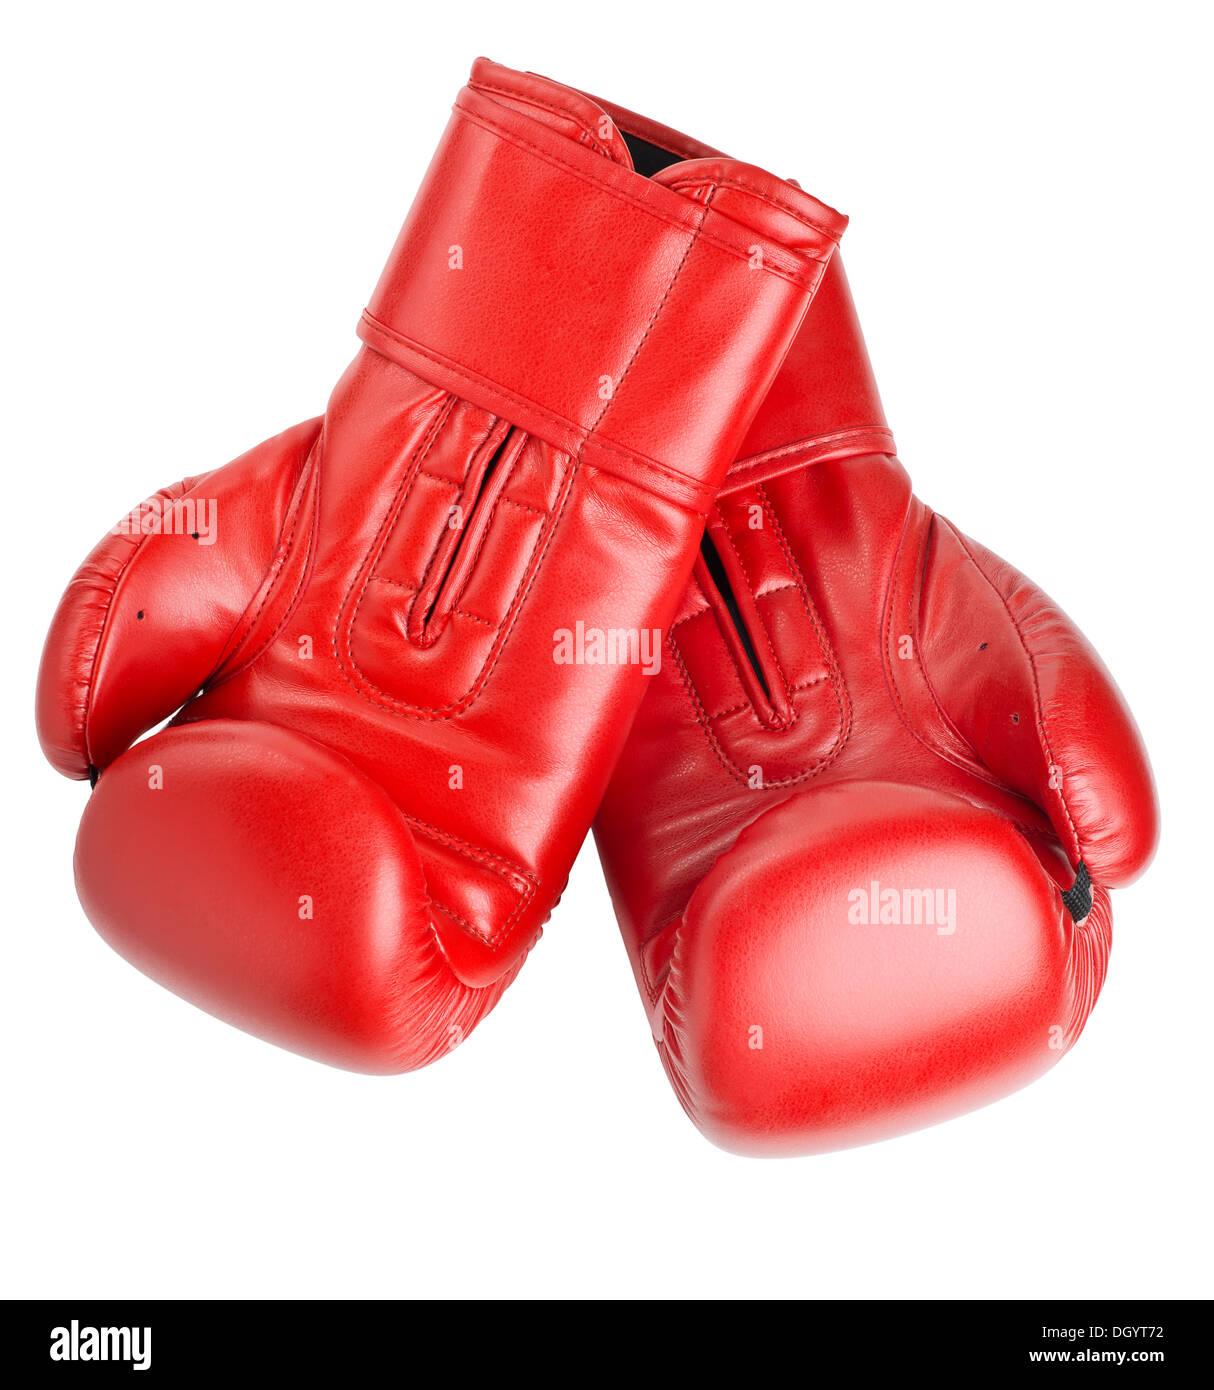 Guantes de boxeo de cuero rojo aislado sobre fondo blanco. Imagen De Stock